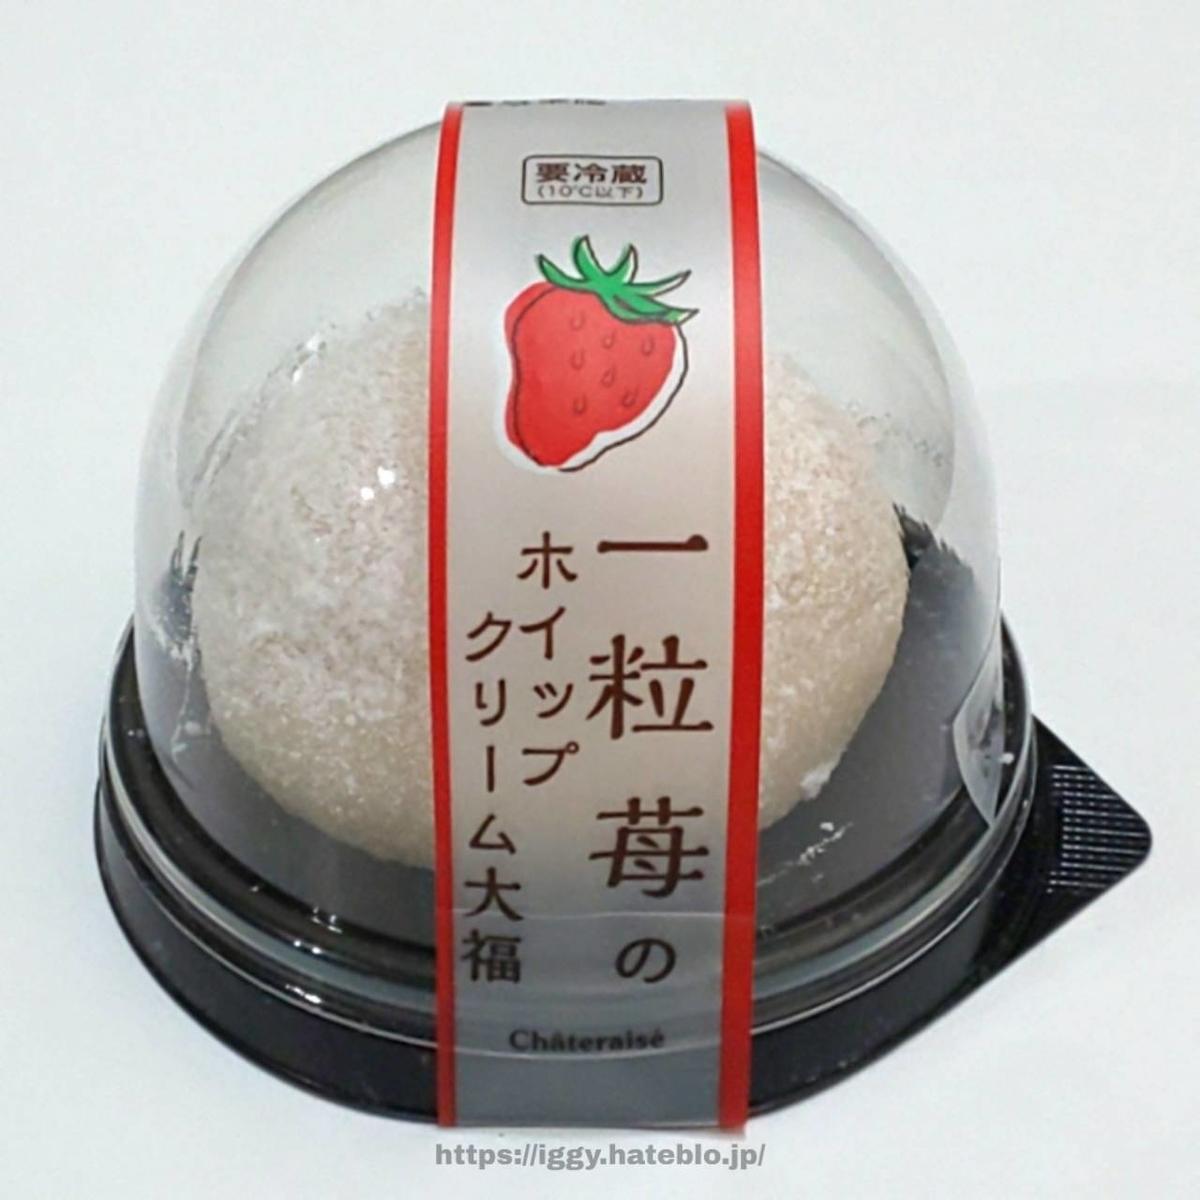 シャトレーゼ 苺ホイップクリーム大福 カロリー 栄養成分